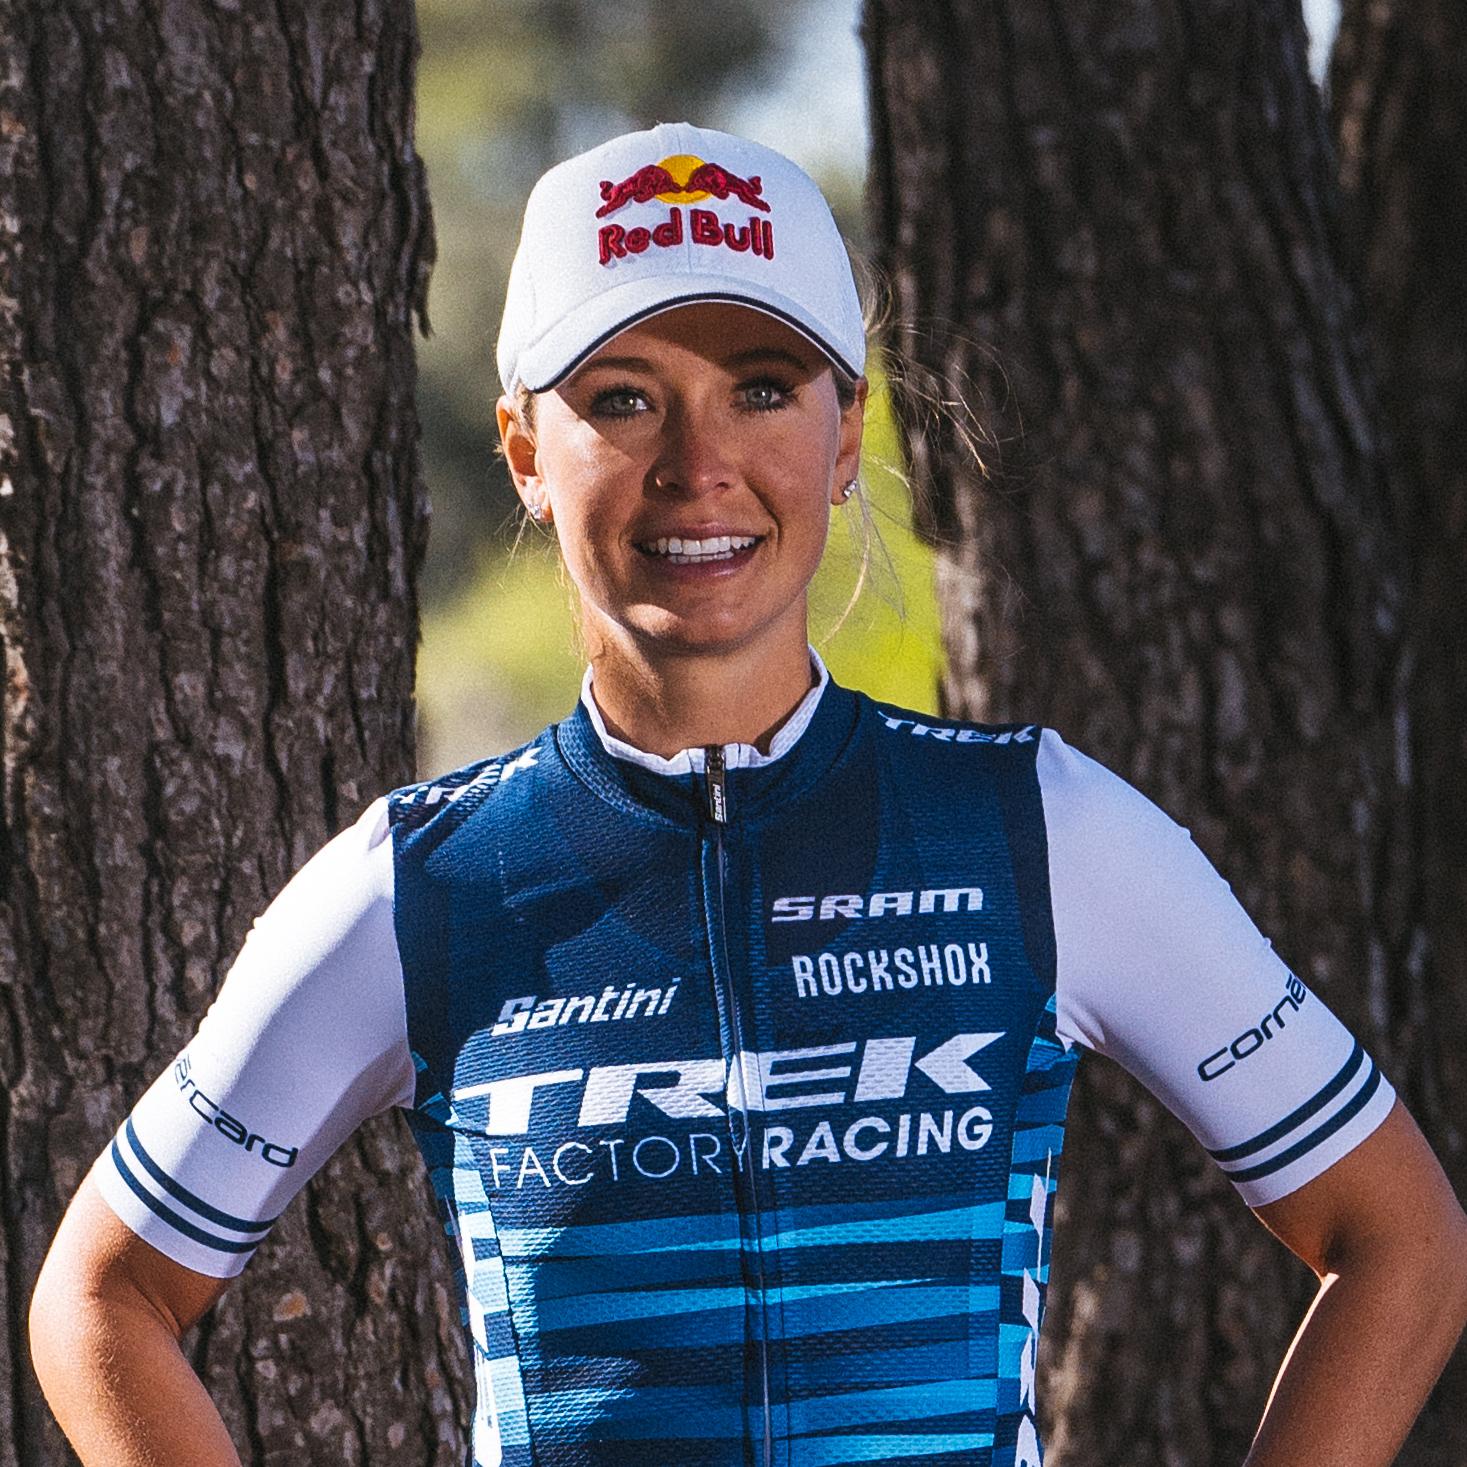 Emily Batty Trek Race Shop